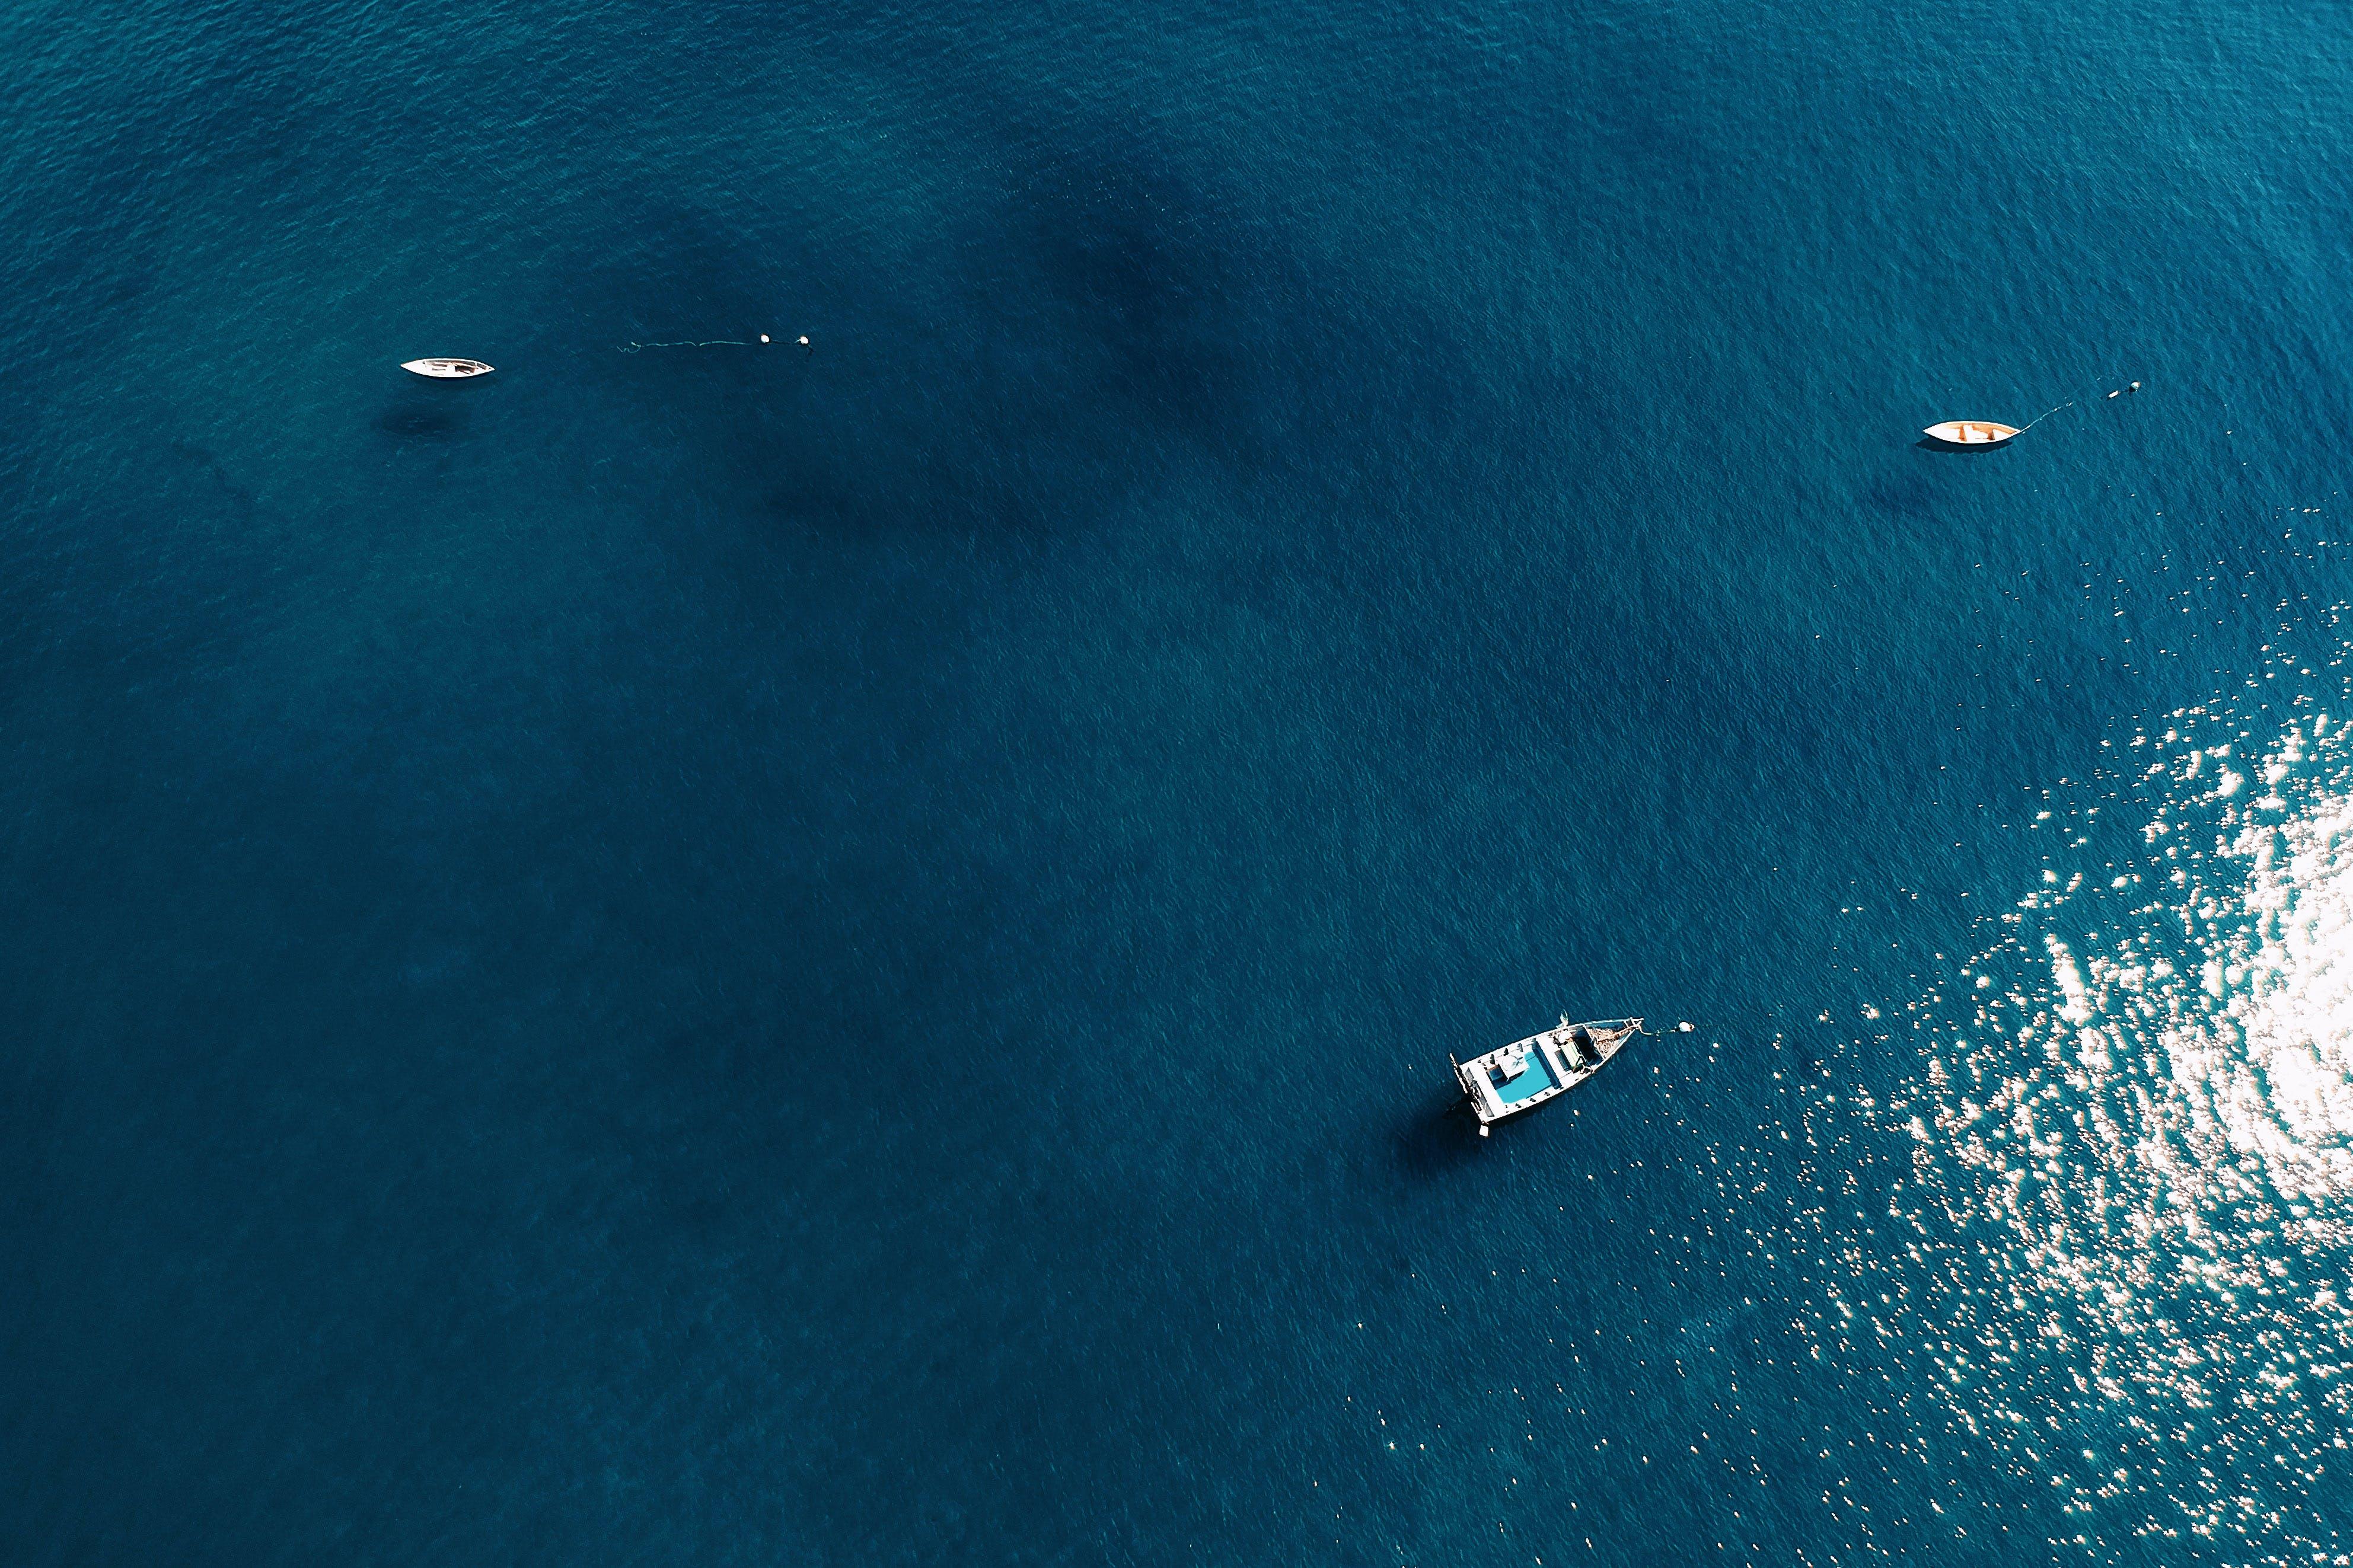 Gratis lagerfoto af både, dronefotografering, droneoptagelse, fugleperspektiv